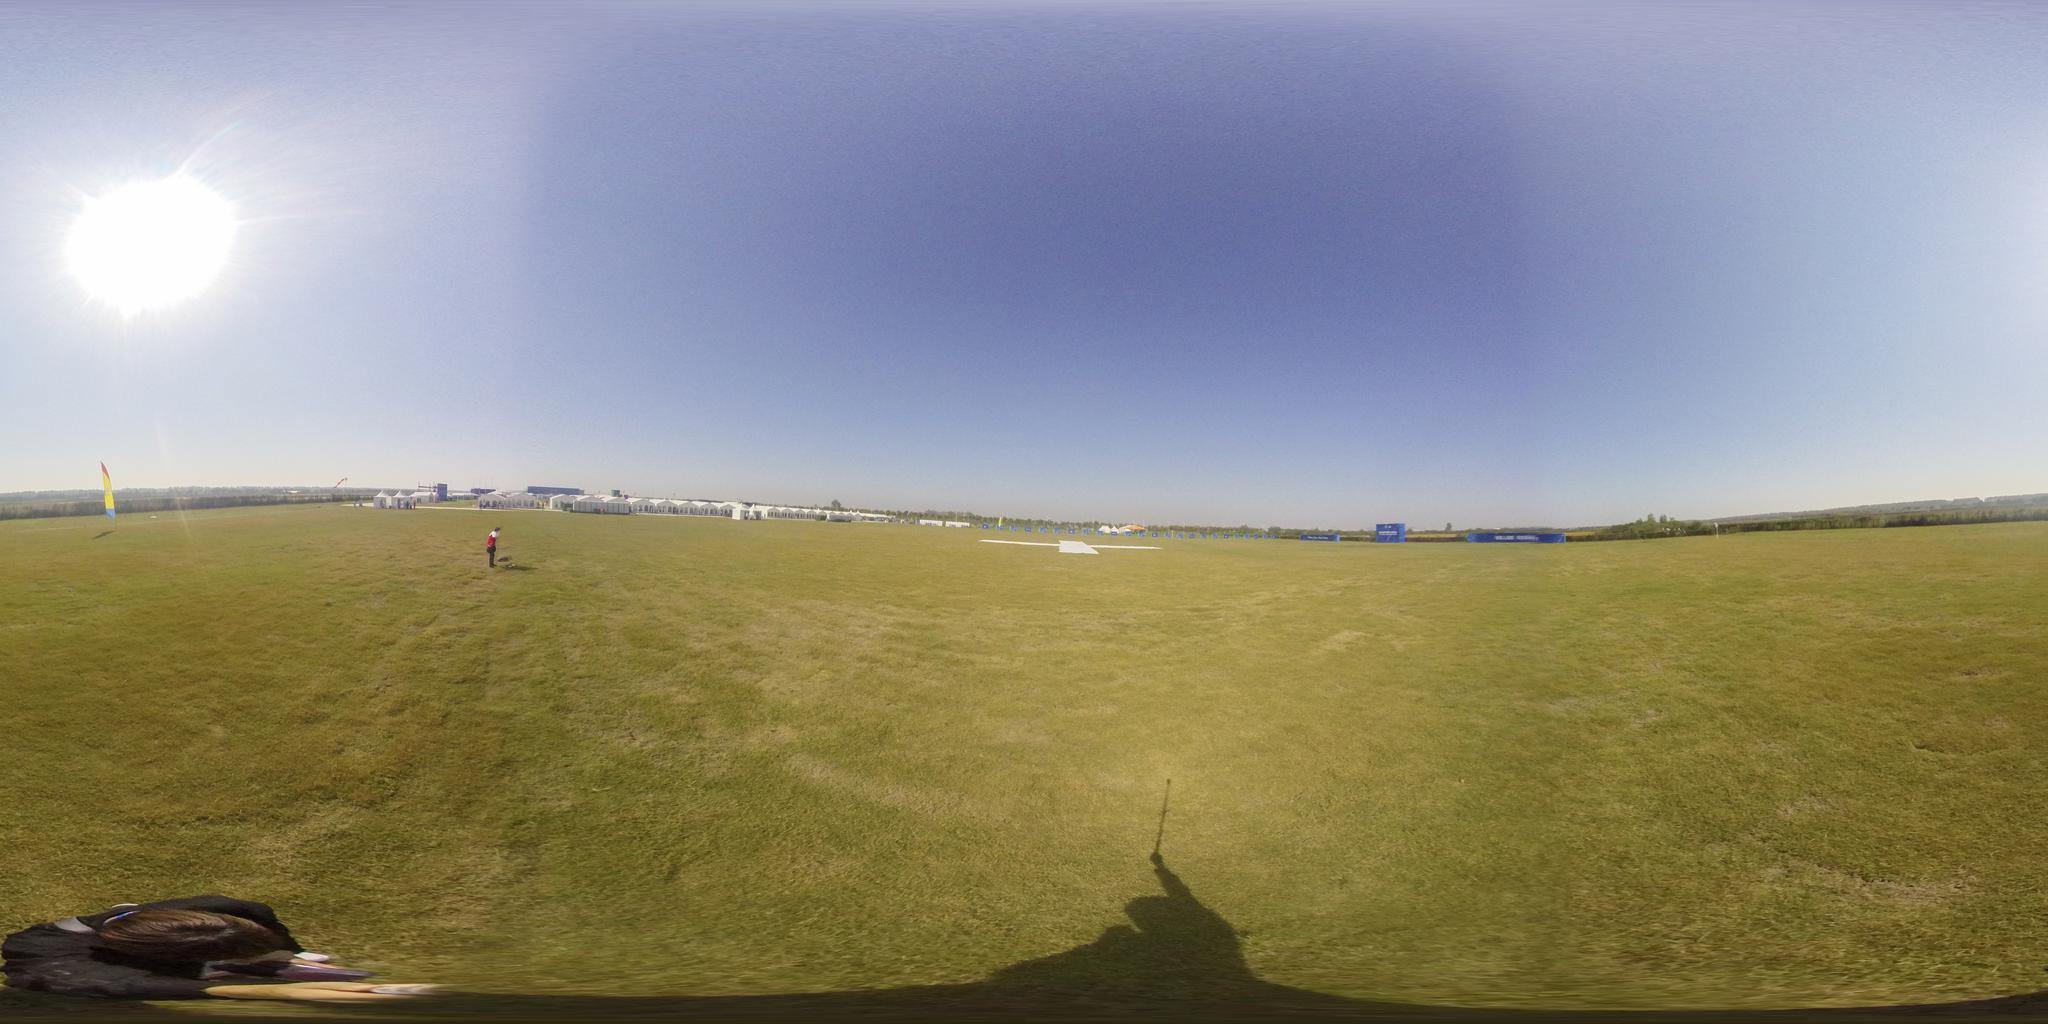 360度全景探秘军运会跳伞项目现场 切身体验赛场气氛